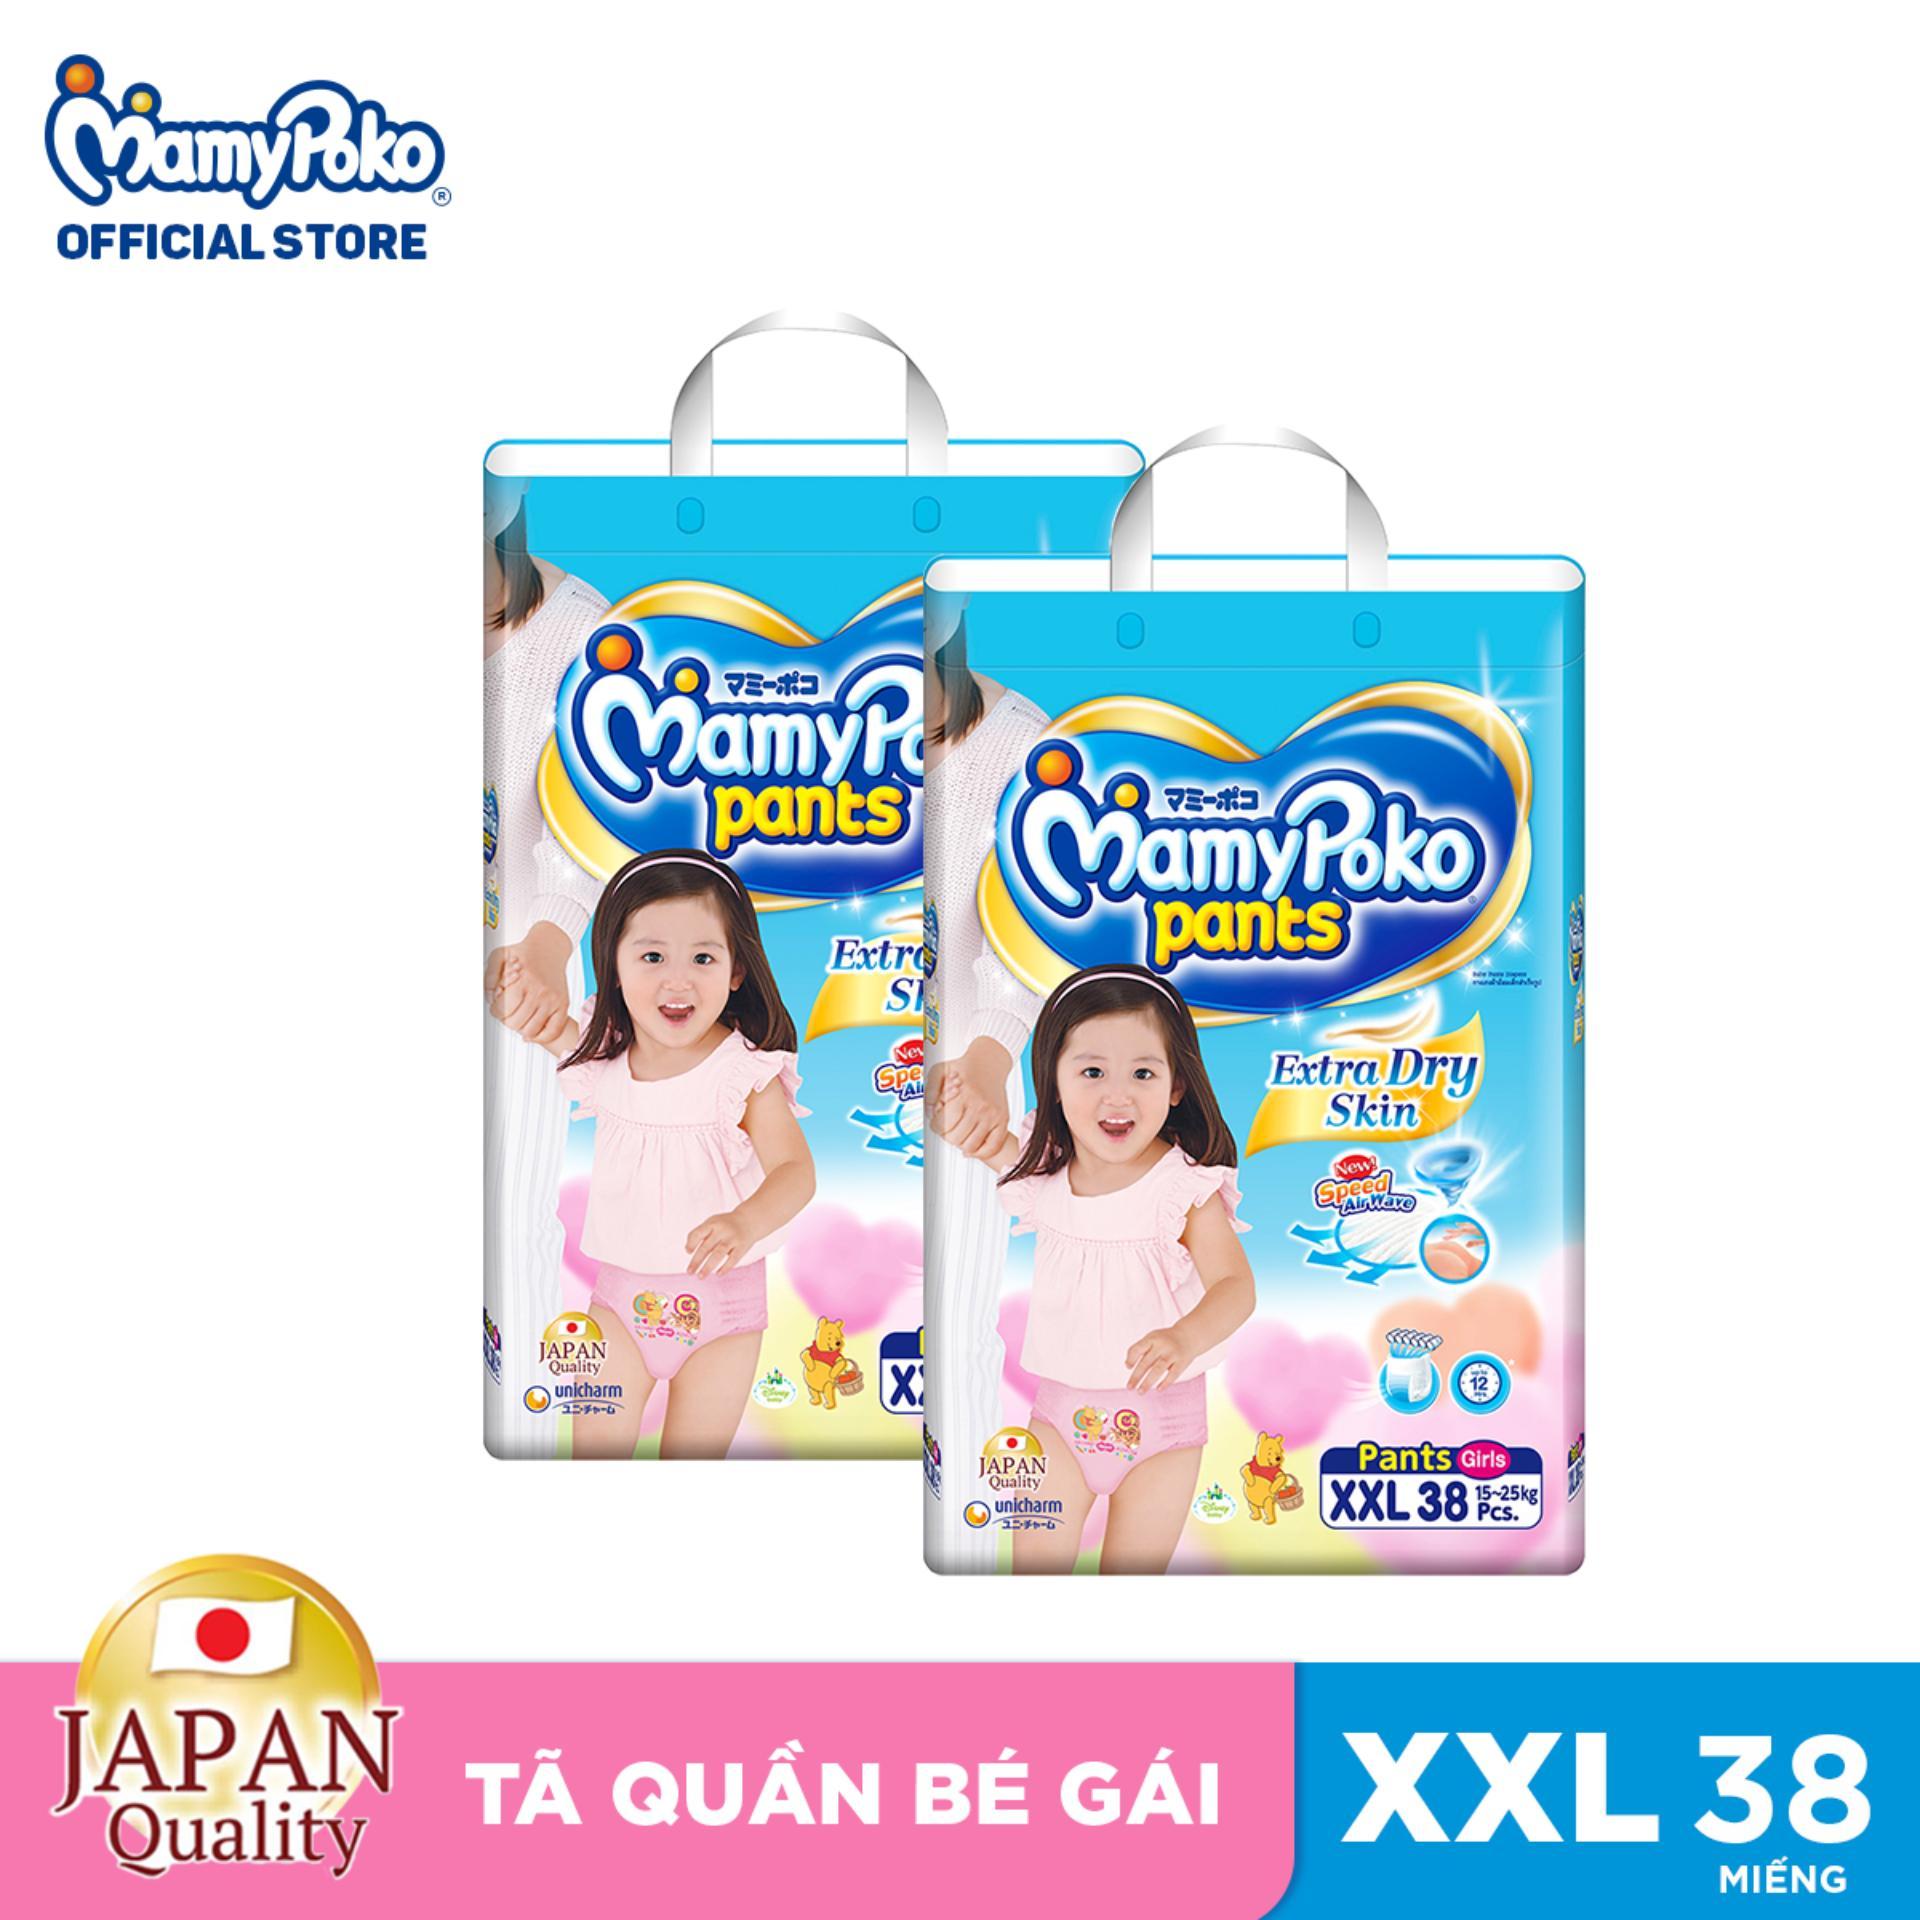 Bộ 2 gói tã quần Mamypoko XXL-38 miếng gói siêu lớn dành cho bé gái (15-25kg) Nhật Bản